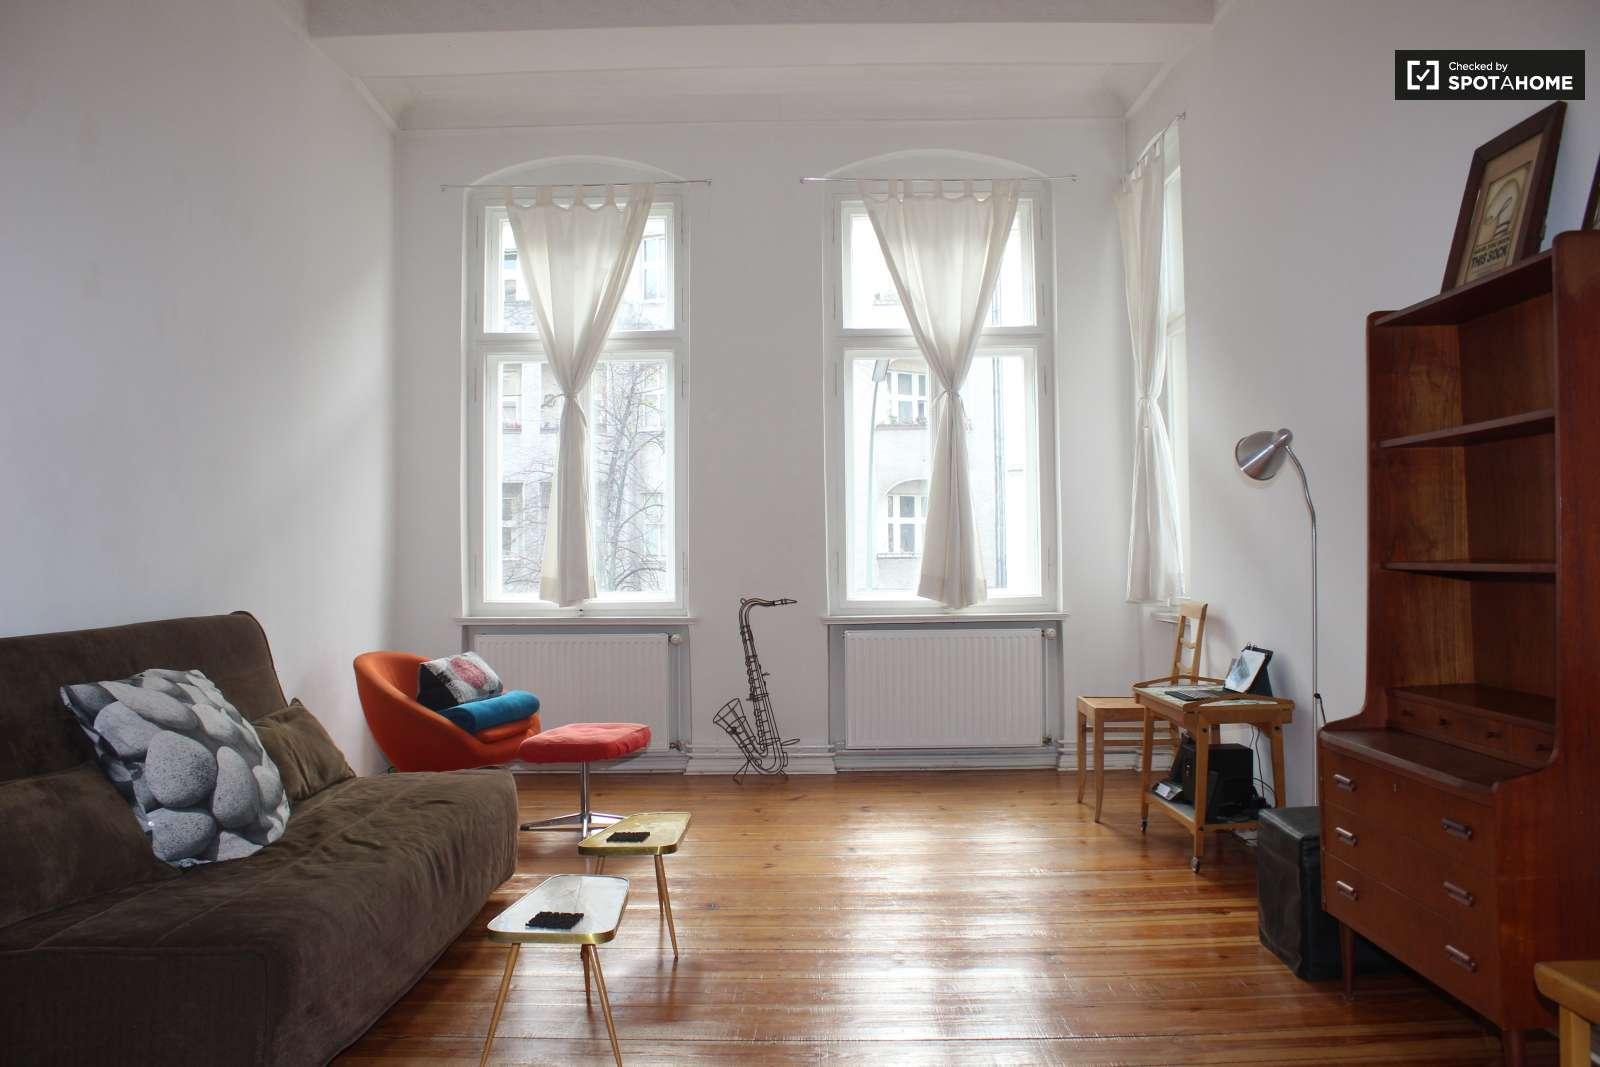 Renovierte 1 Zimmer Wohnung Zu Vermieten In Kreuzberg Berlin